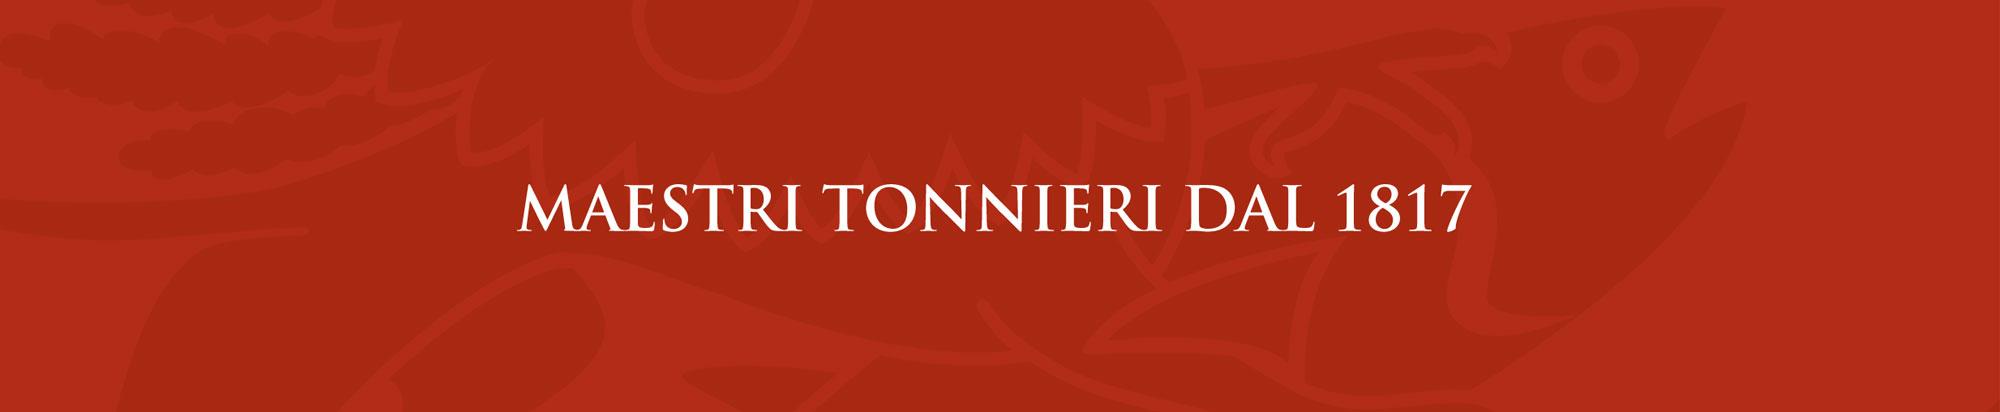 Maestri tonnieri dal 1817